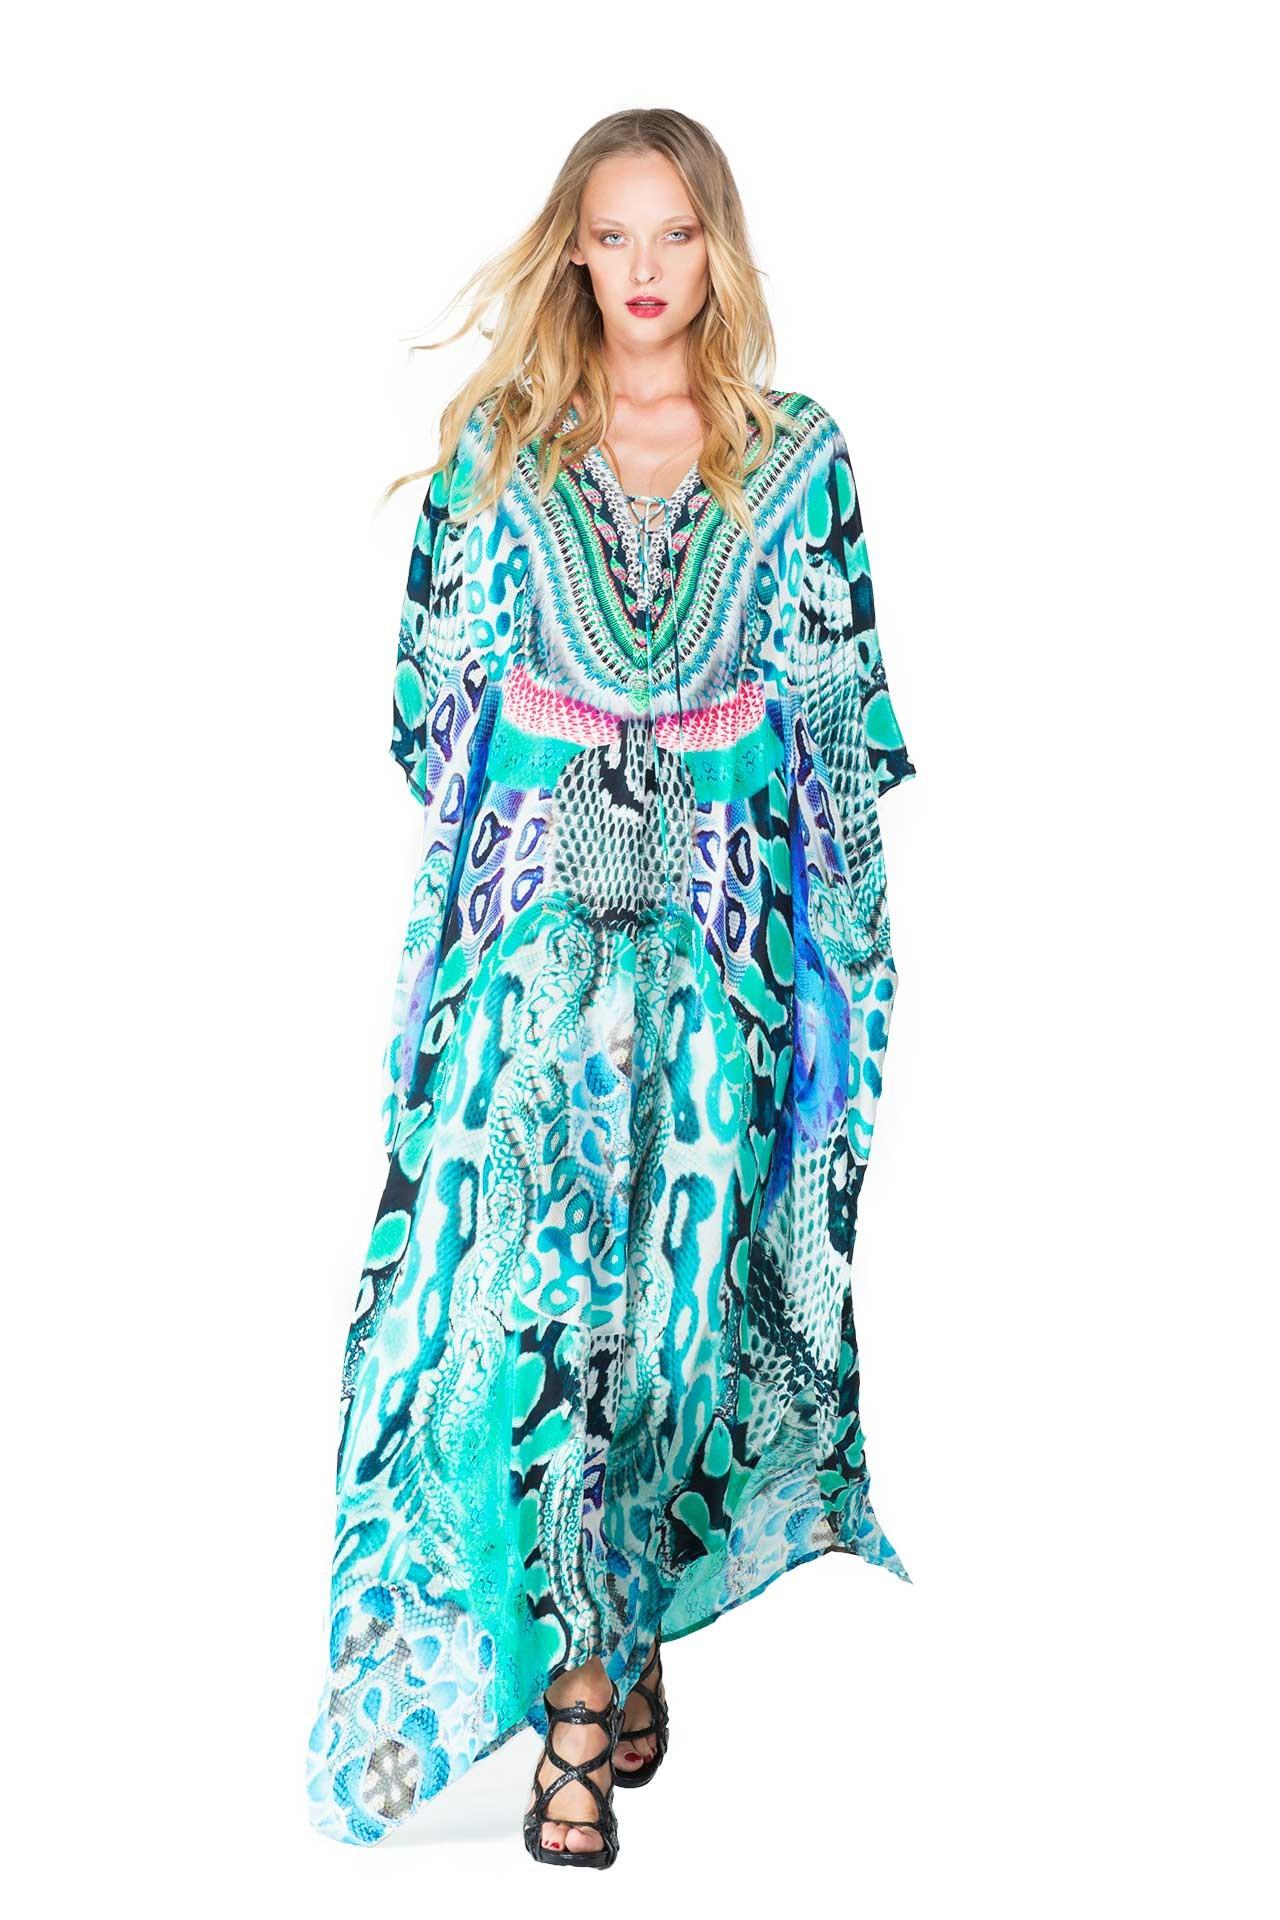 kaftan dresses - designer kaftan dress | dresses shahida parides - shahida  parides FIWDLTK